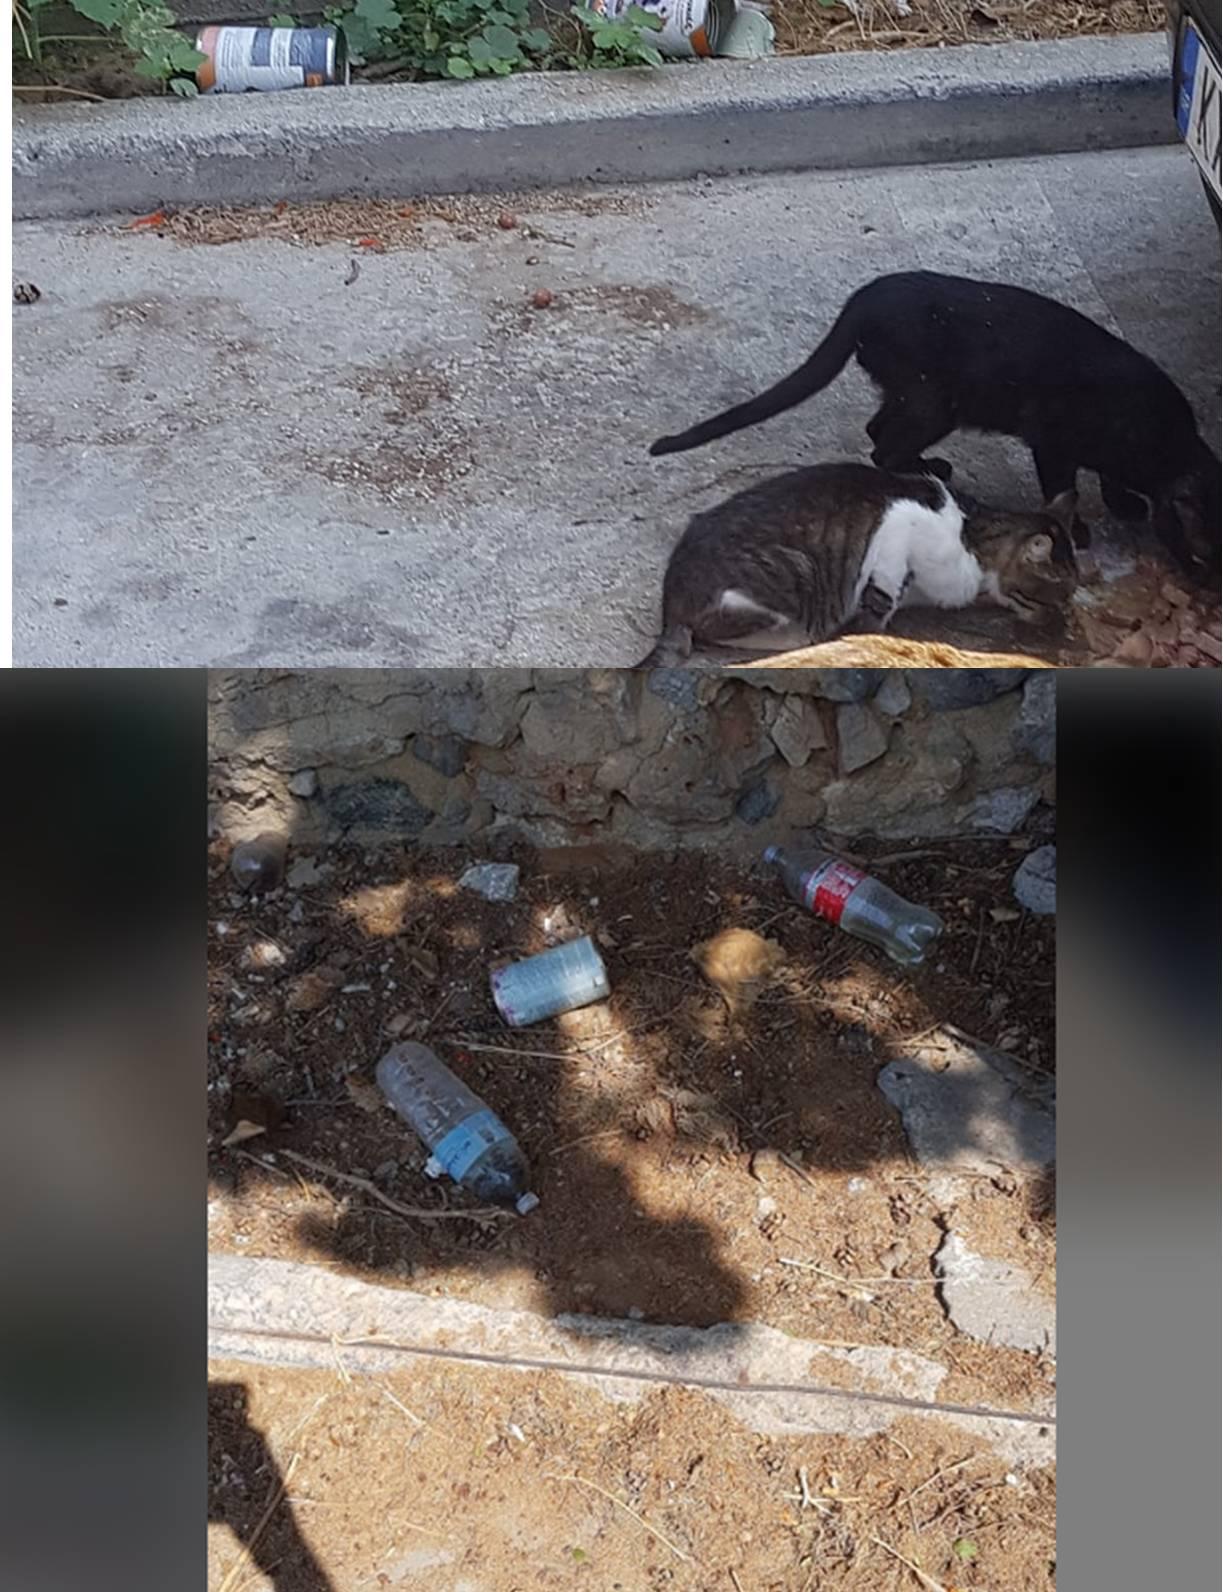 «Φιλόζωοι» ταΐζουν αδέσποτα αλλά παράλληλα ρυπαίνουν και τα παρτέρια του δημοτικού  πάρκινγκ.